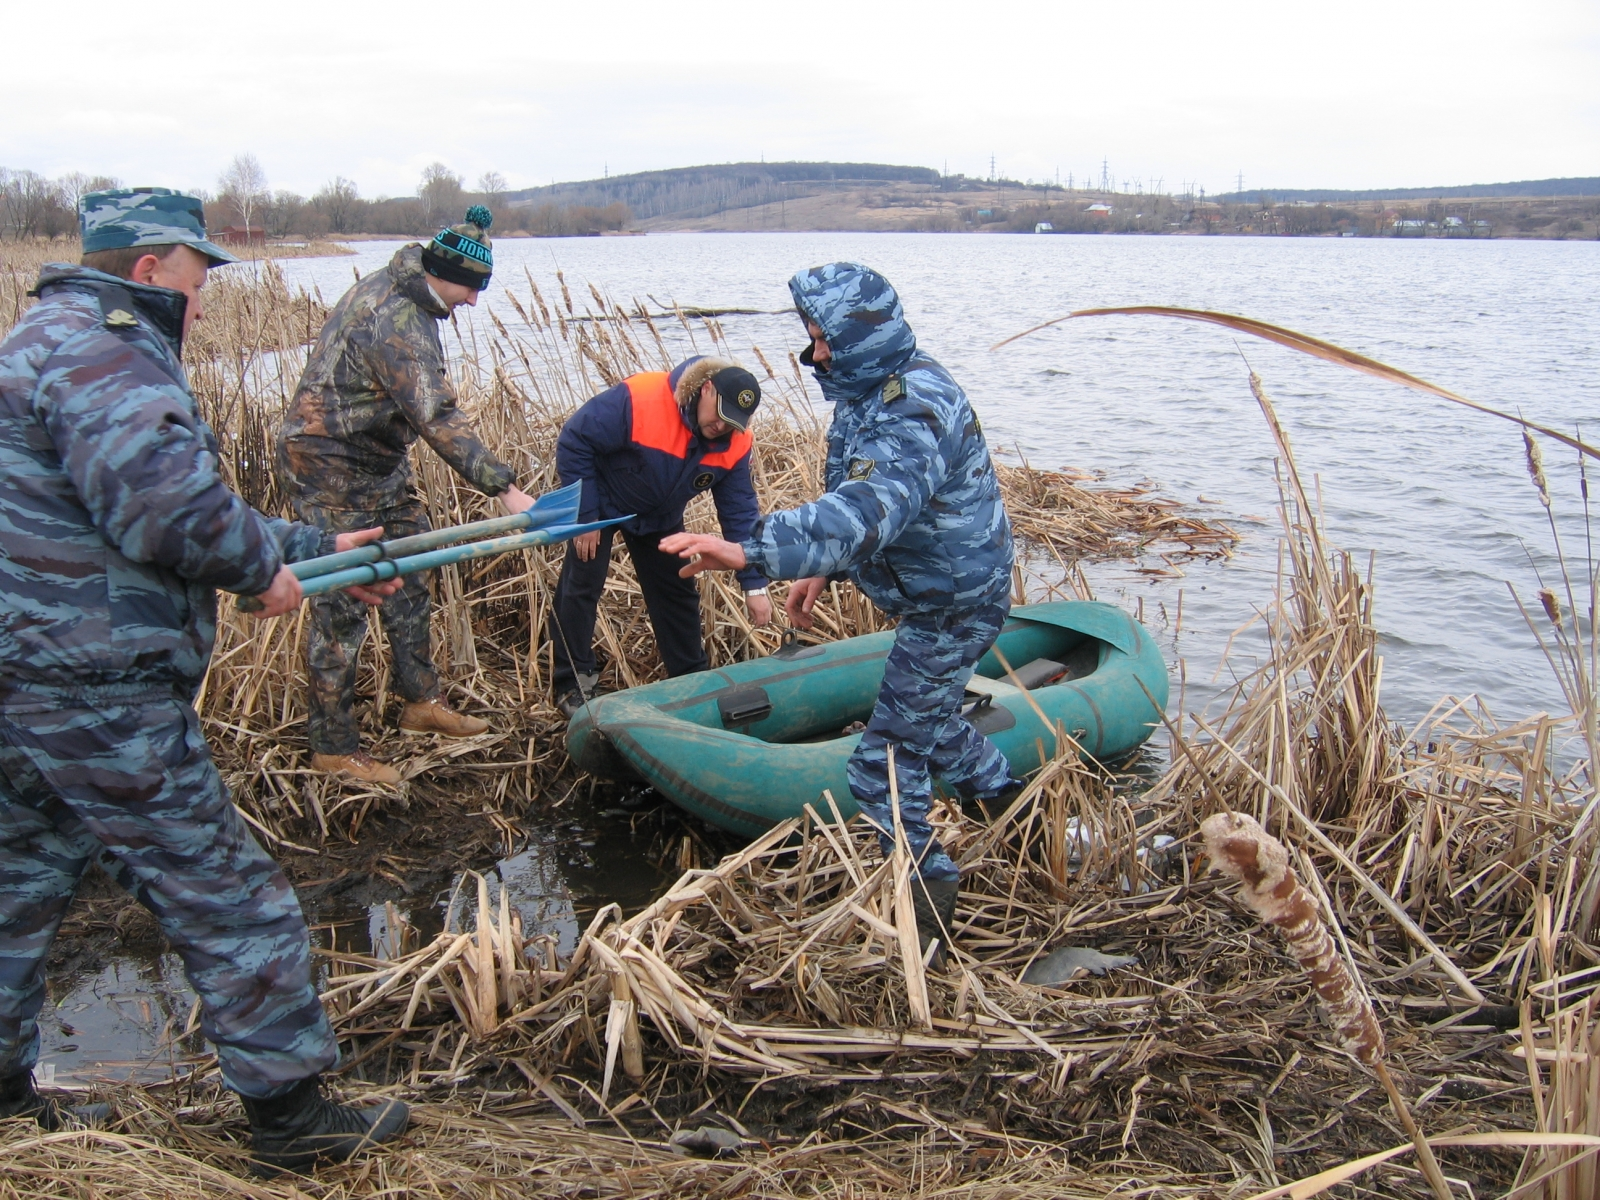 патрулирование водных объектов фото корбюзье написал